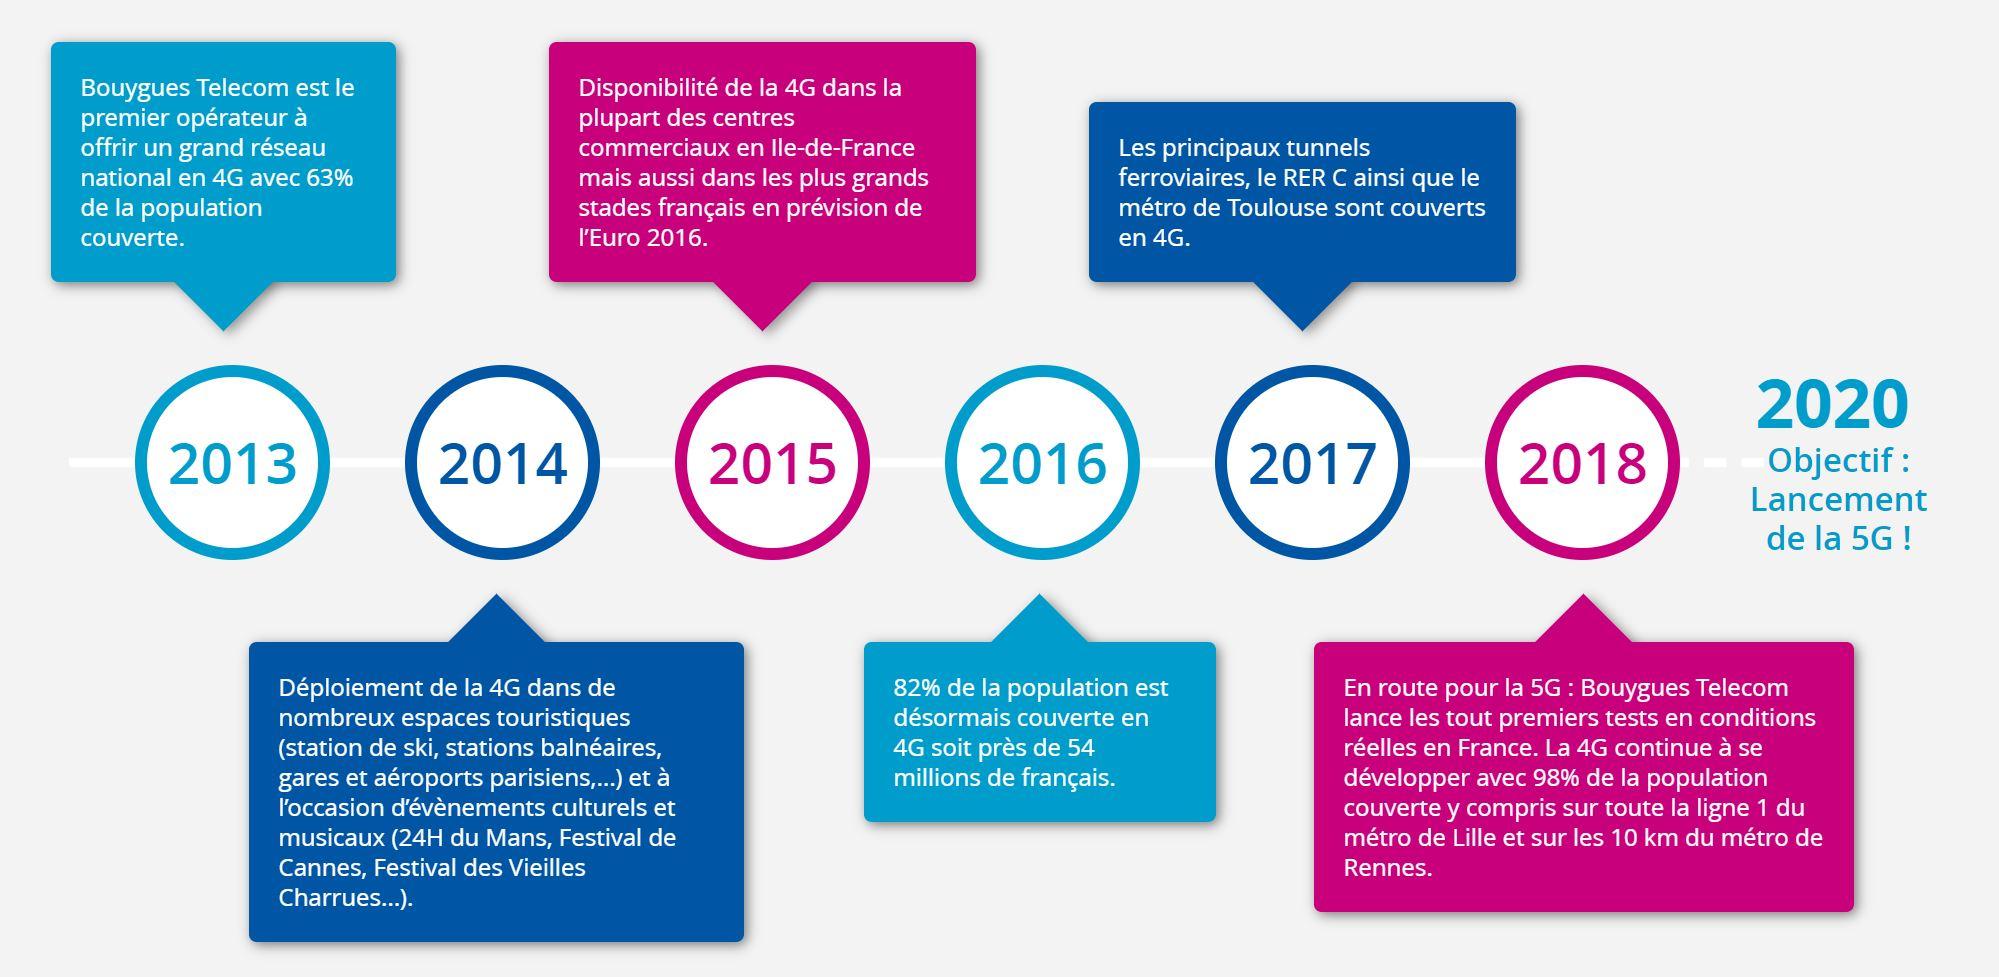 Le réseau mobile Bouygues telecom